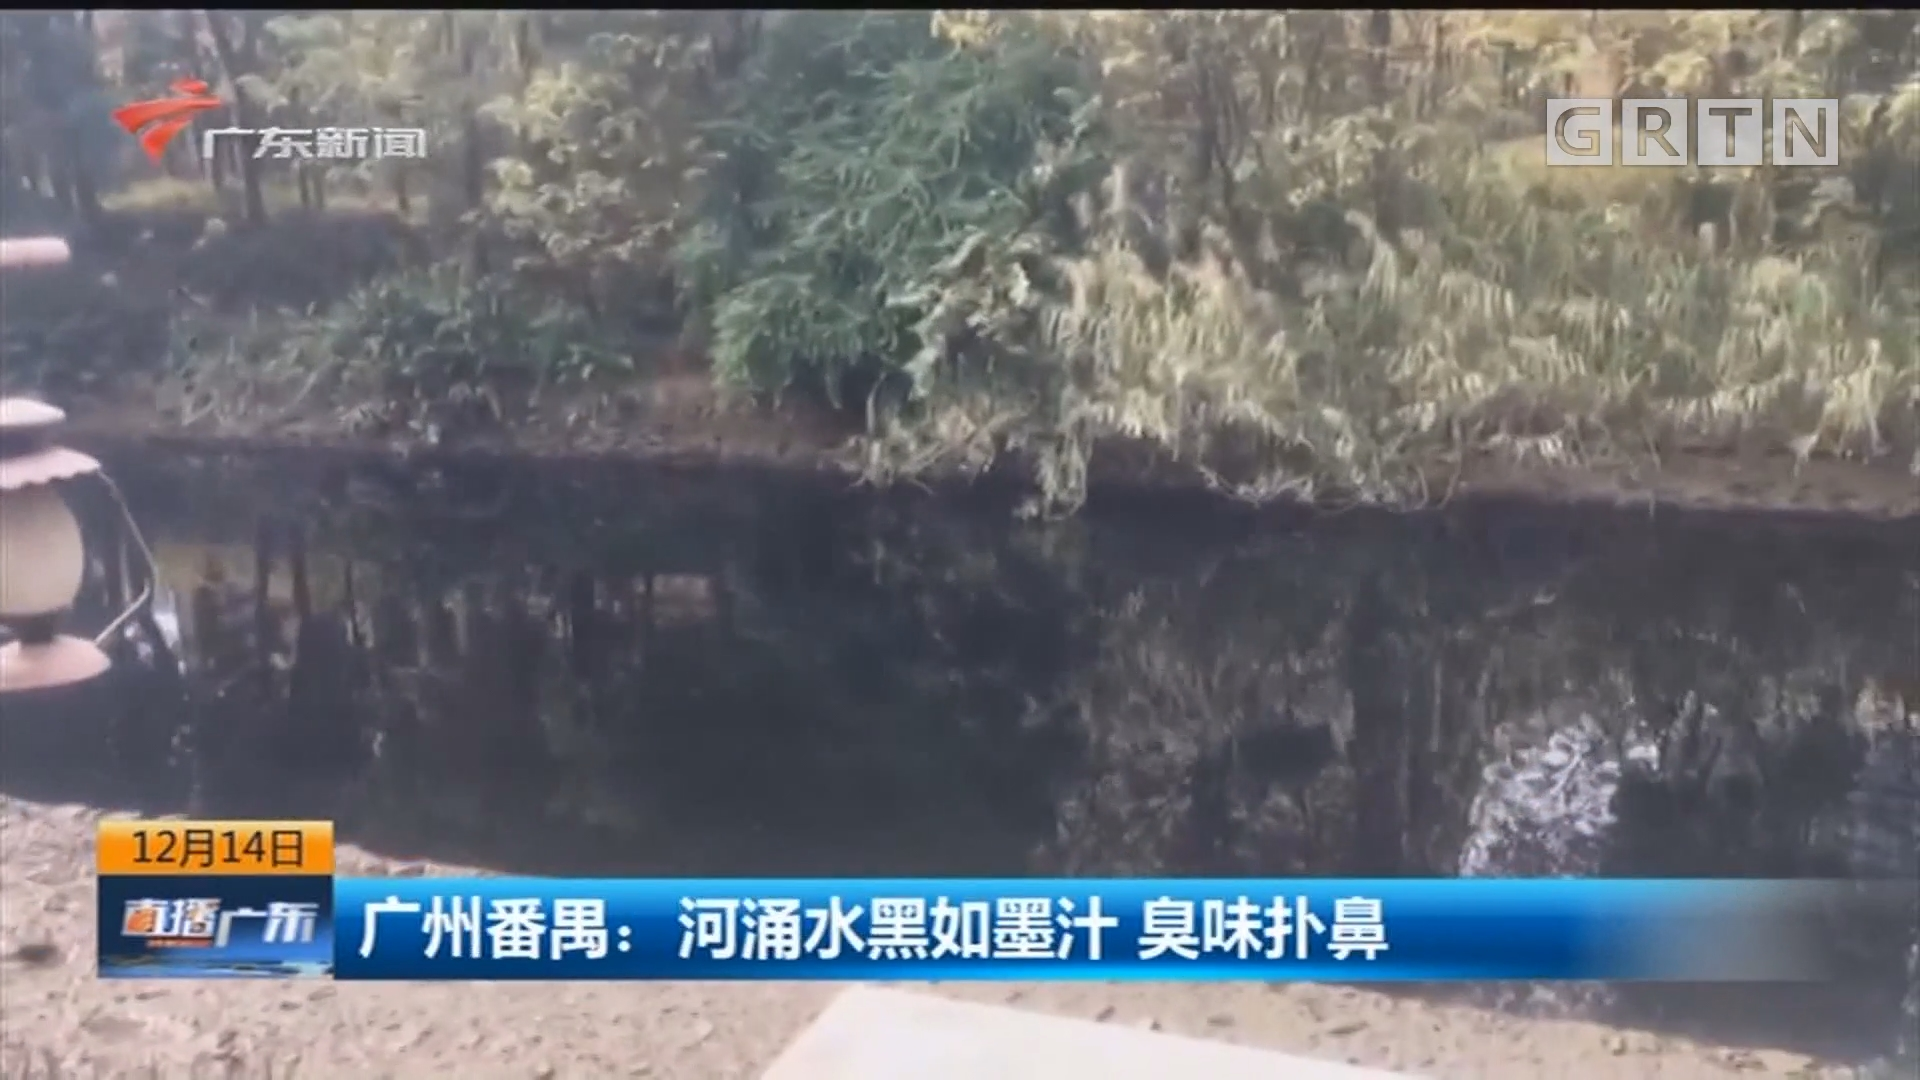 广州番禺:河涌水黑如墨汁 臭味扑鼻